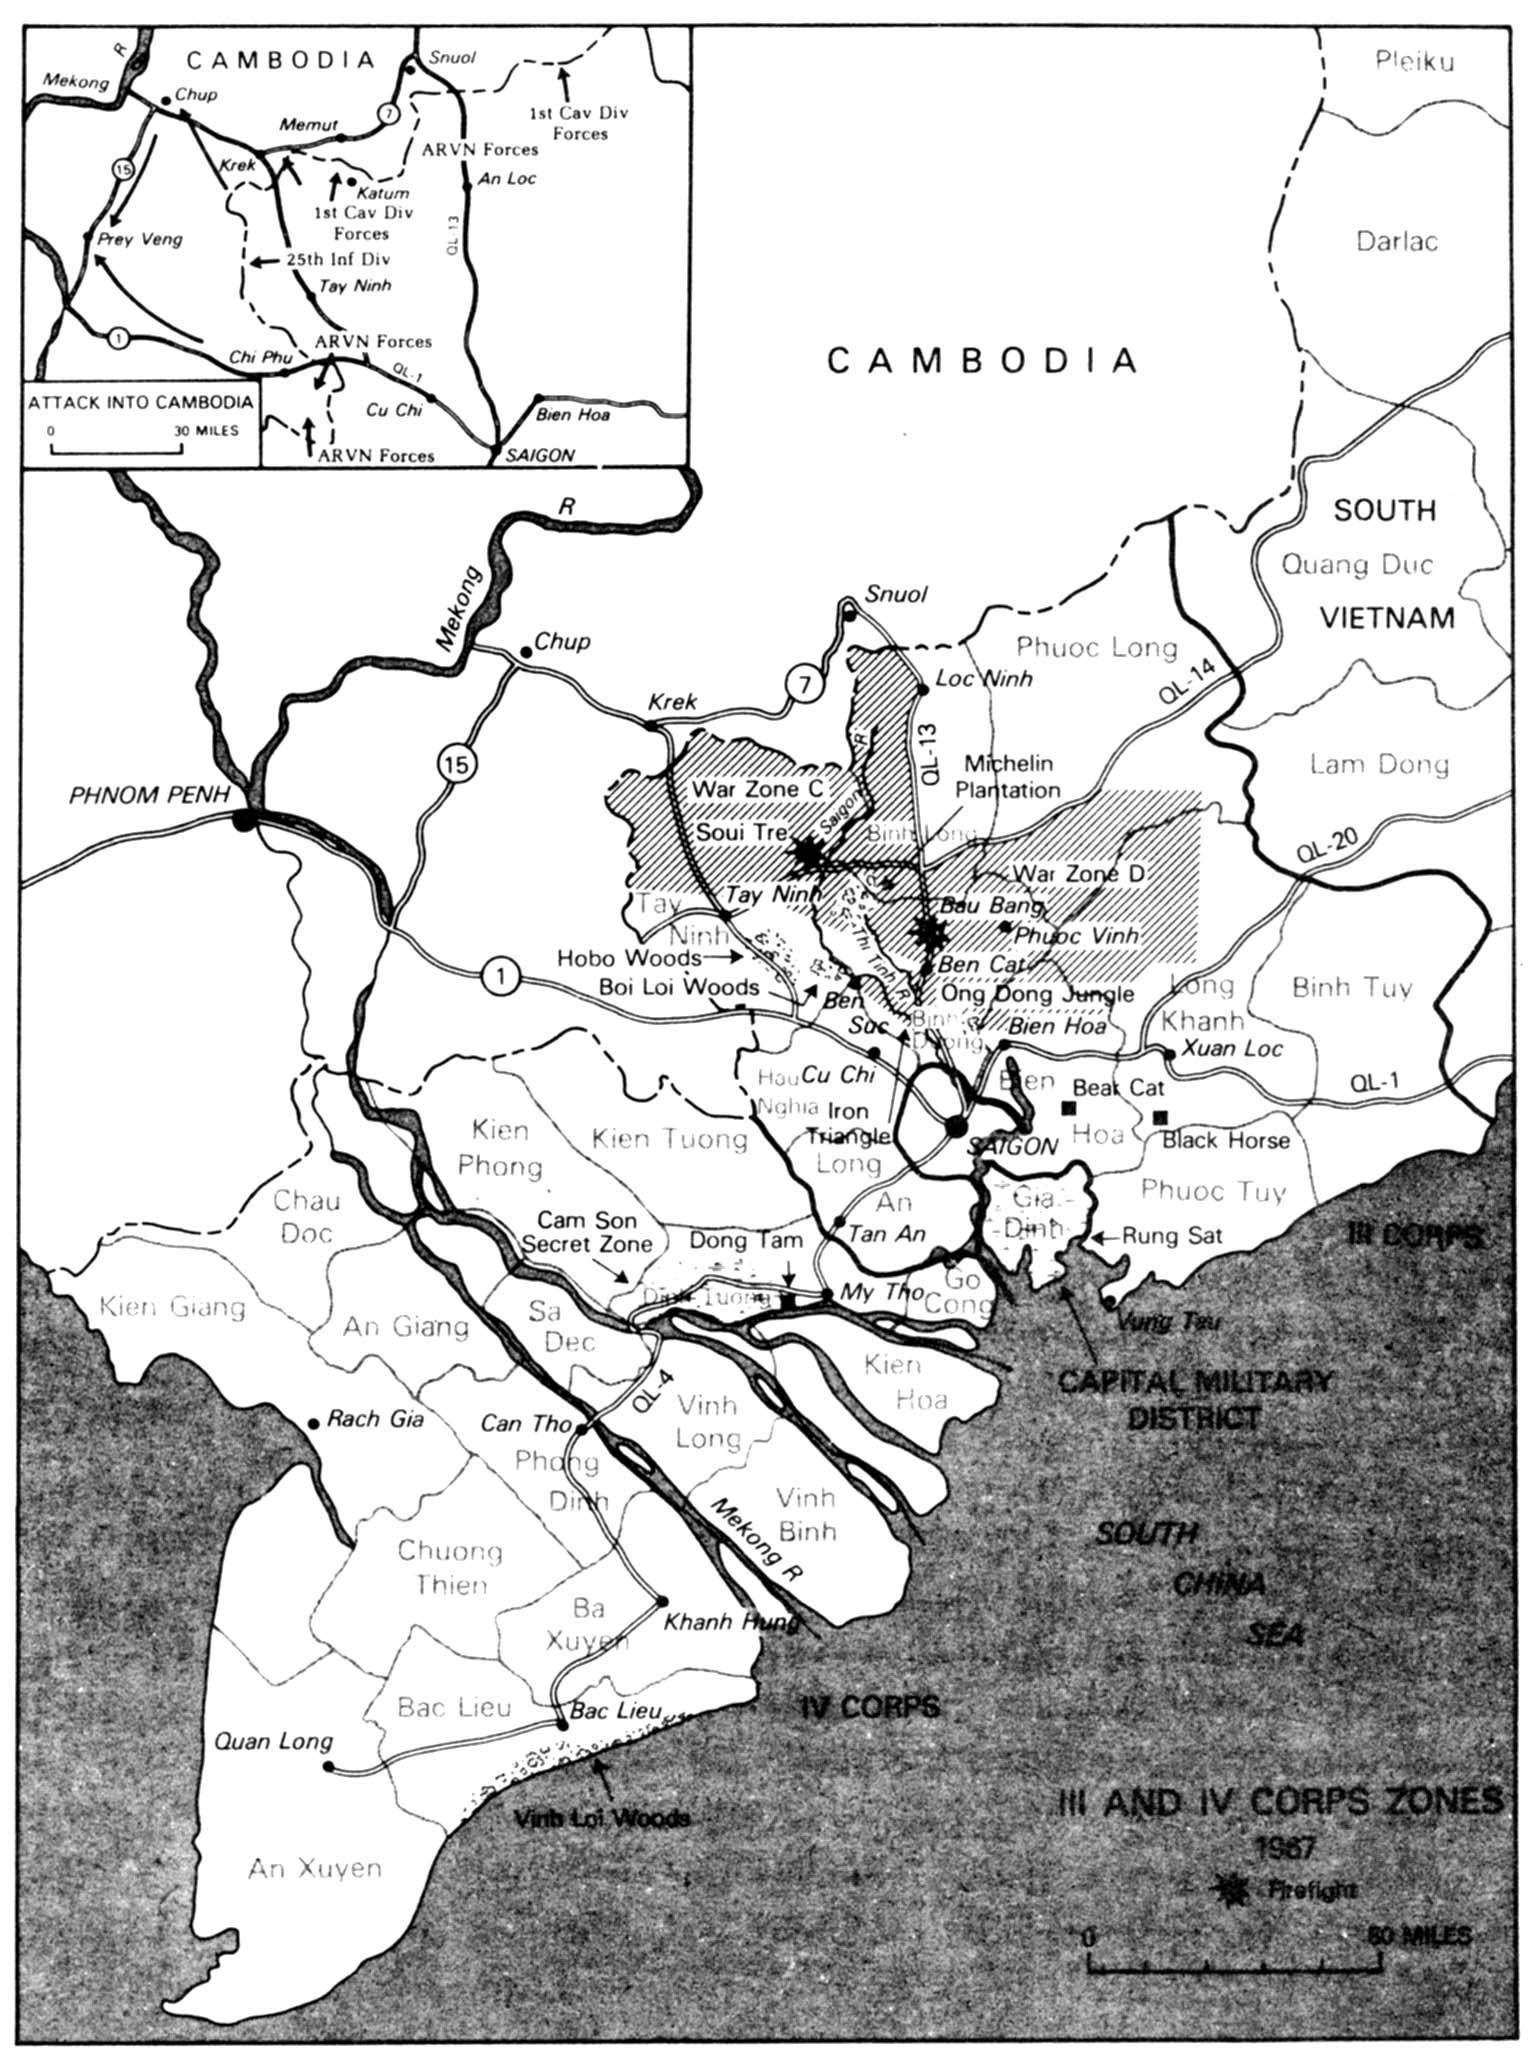 Cambodia War Map 1967